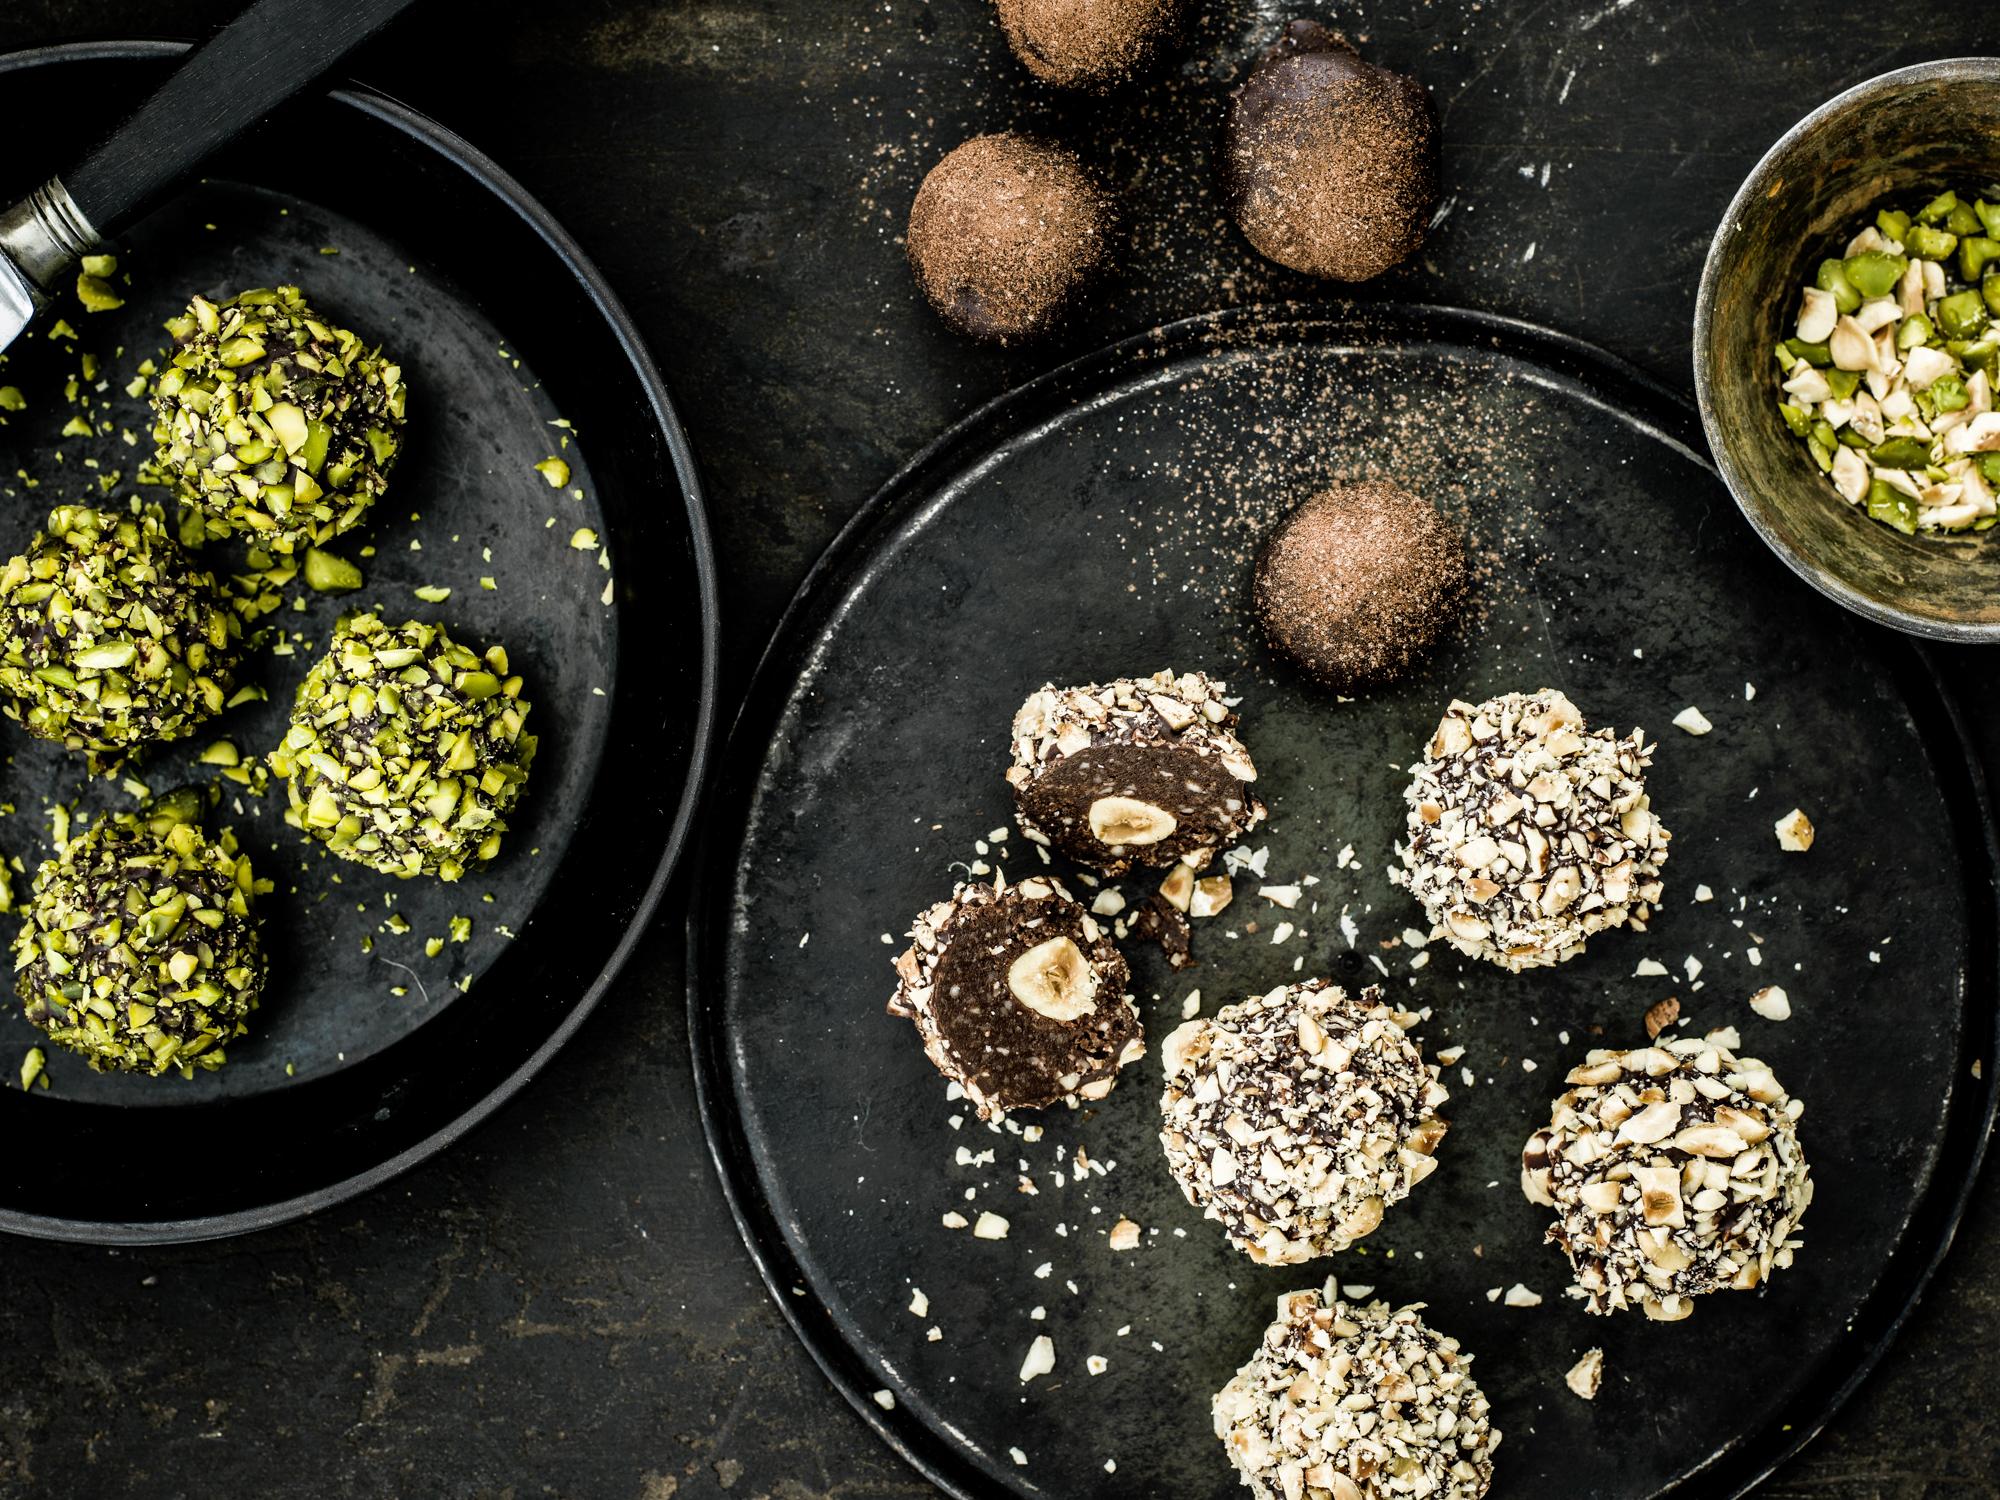 Food Fotoshooting | Stefan Schmidlin Fotografie Basel, Bild -13.jpg